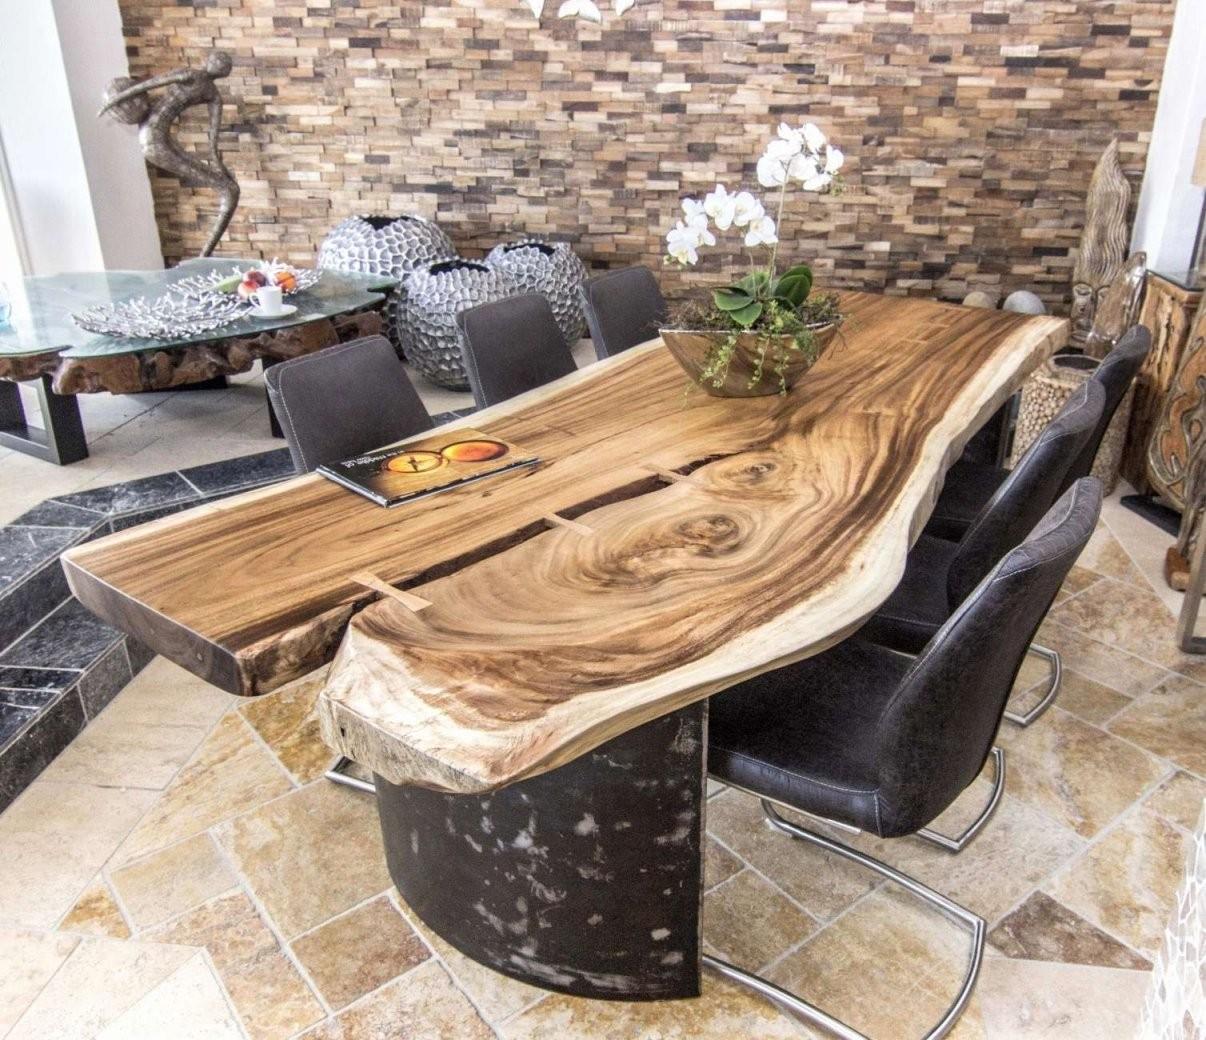 Baumstamm Tisch Selber Machen Schön Tisch Aus Baumscheibe Neu von Tisch Aus Baumstamm Selber Machen Photo